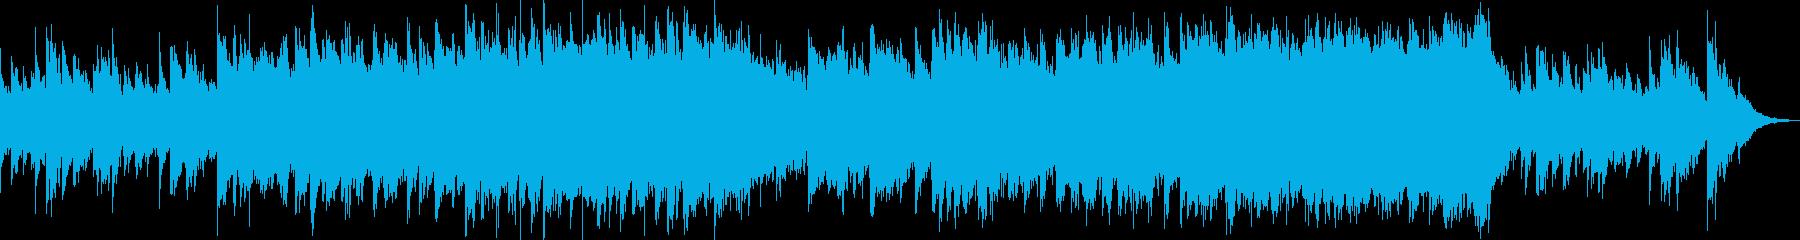 現代的 交響曲 エレクトロ ラウン...の再生済みの波形